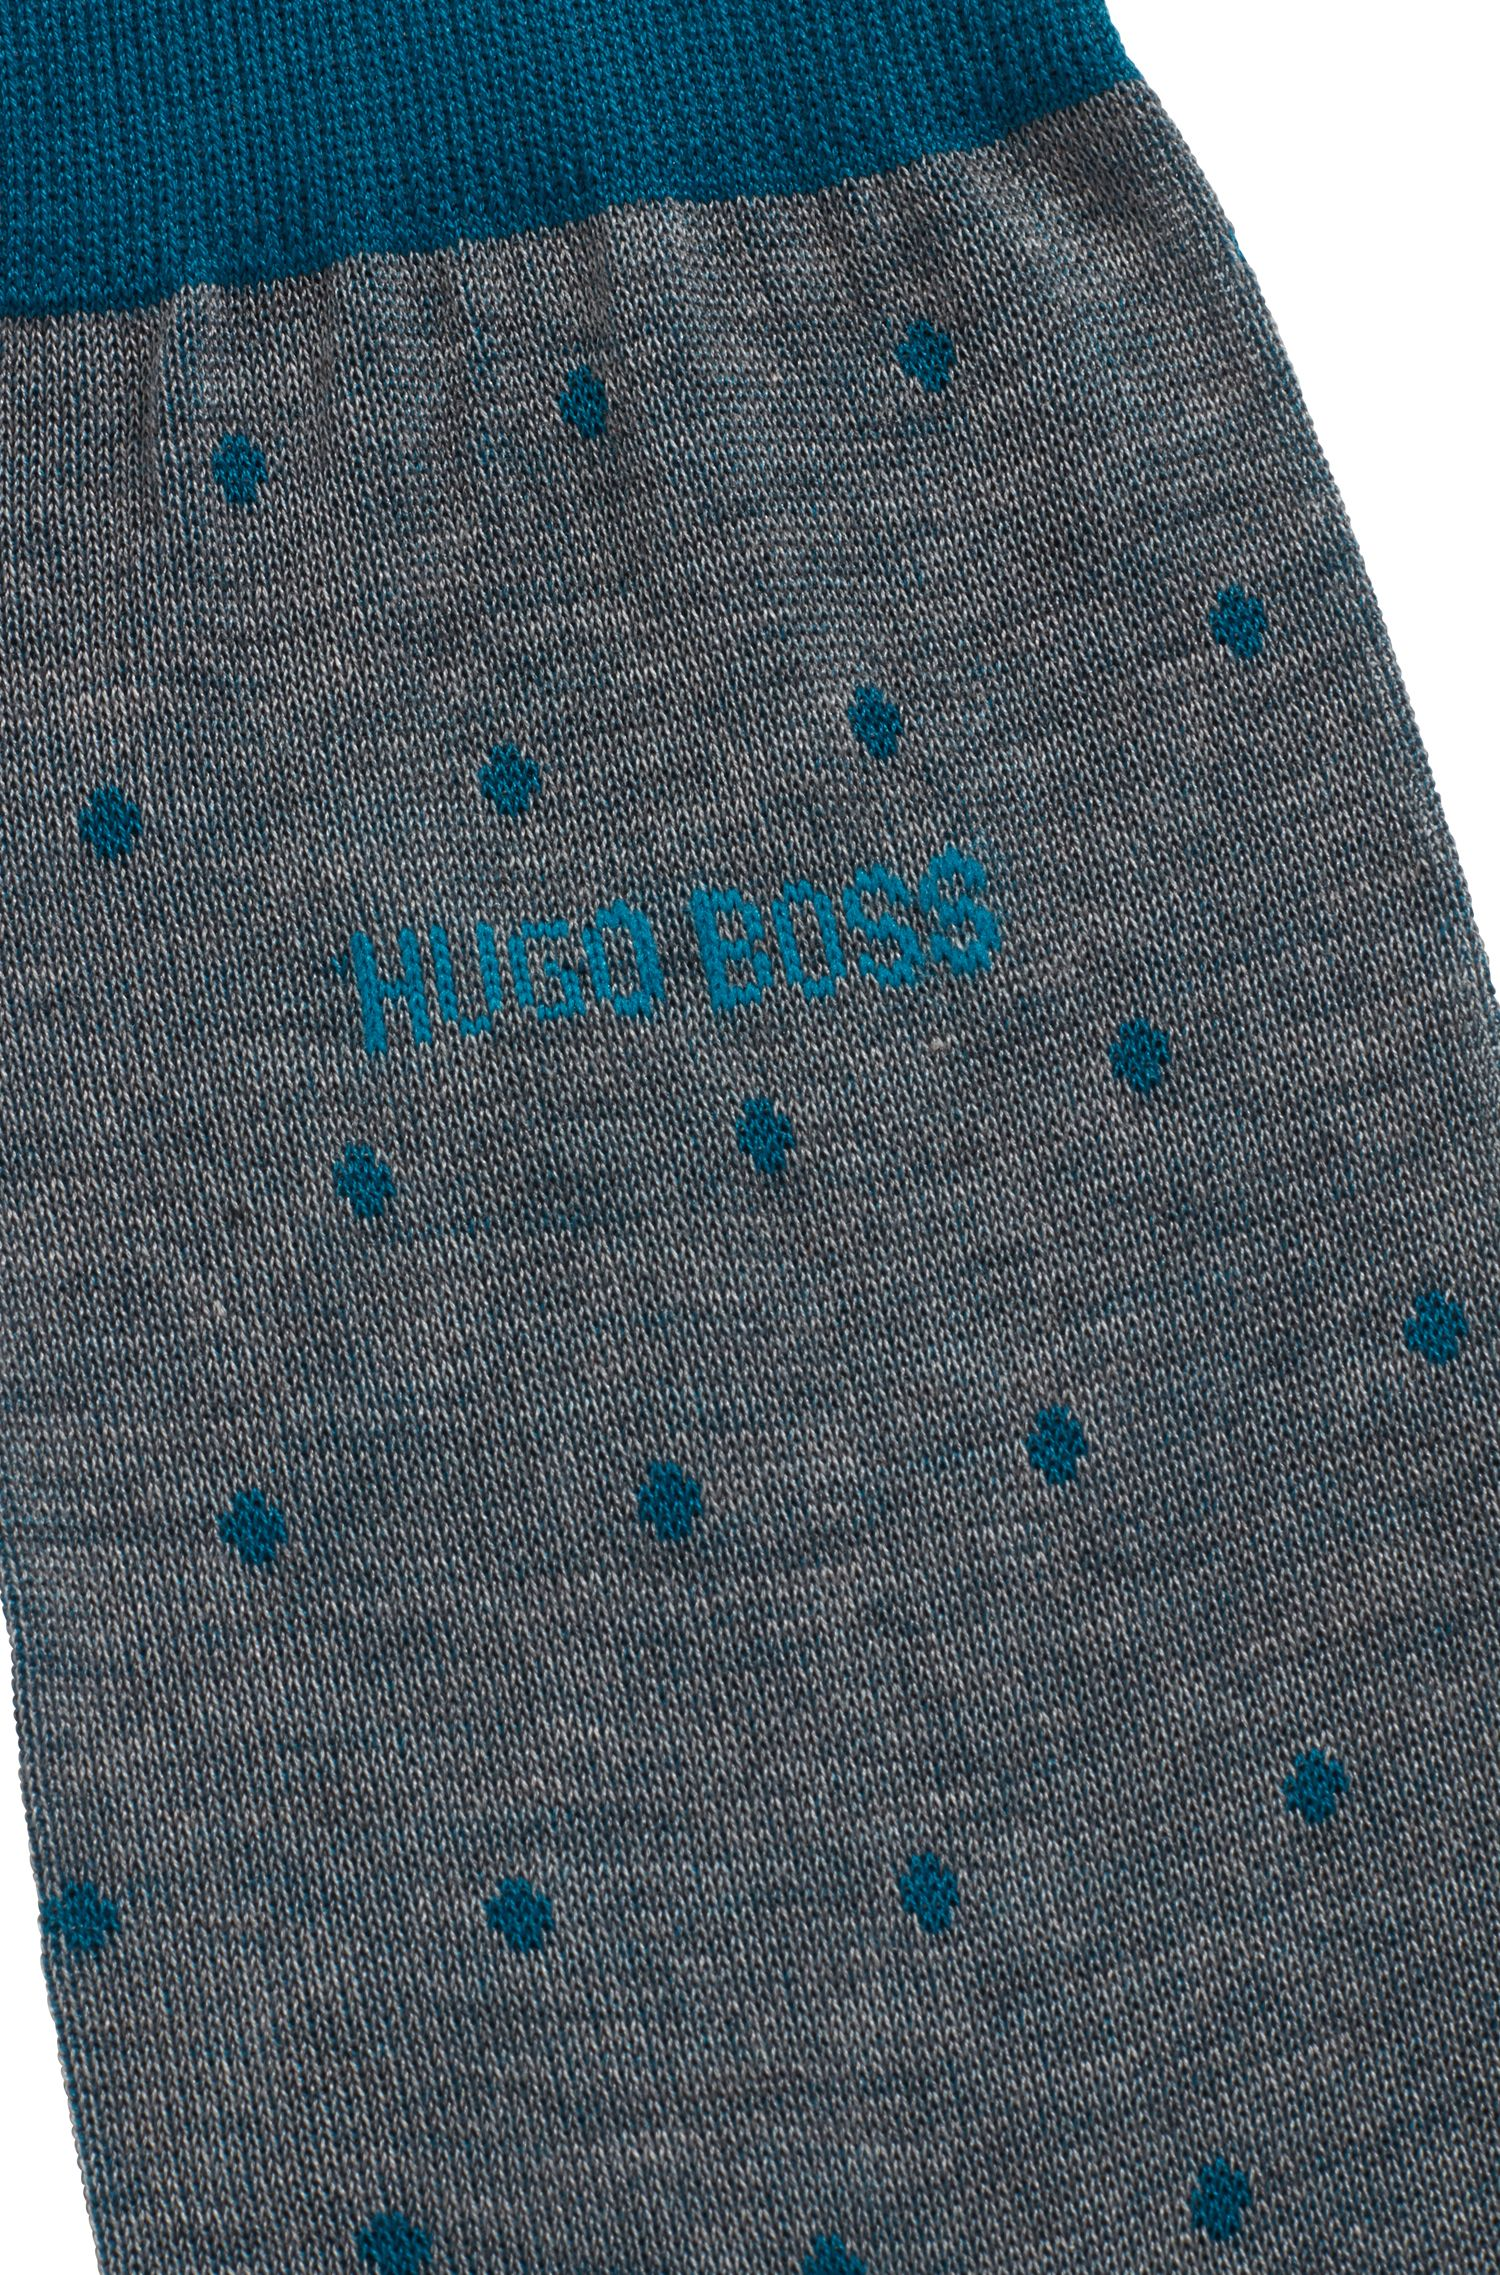 Lightweight socks in mercerised cotton with dot pattern, Open Green